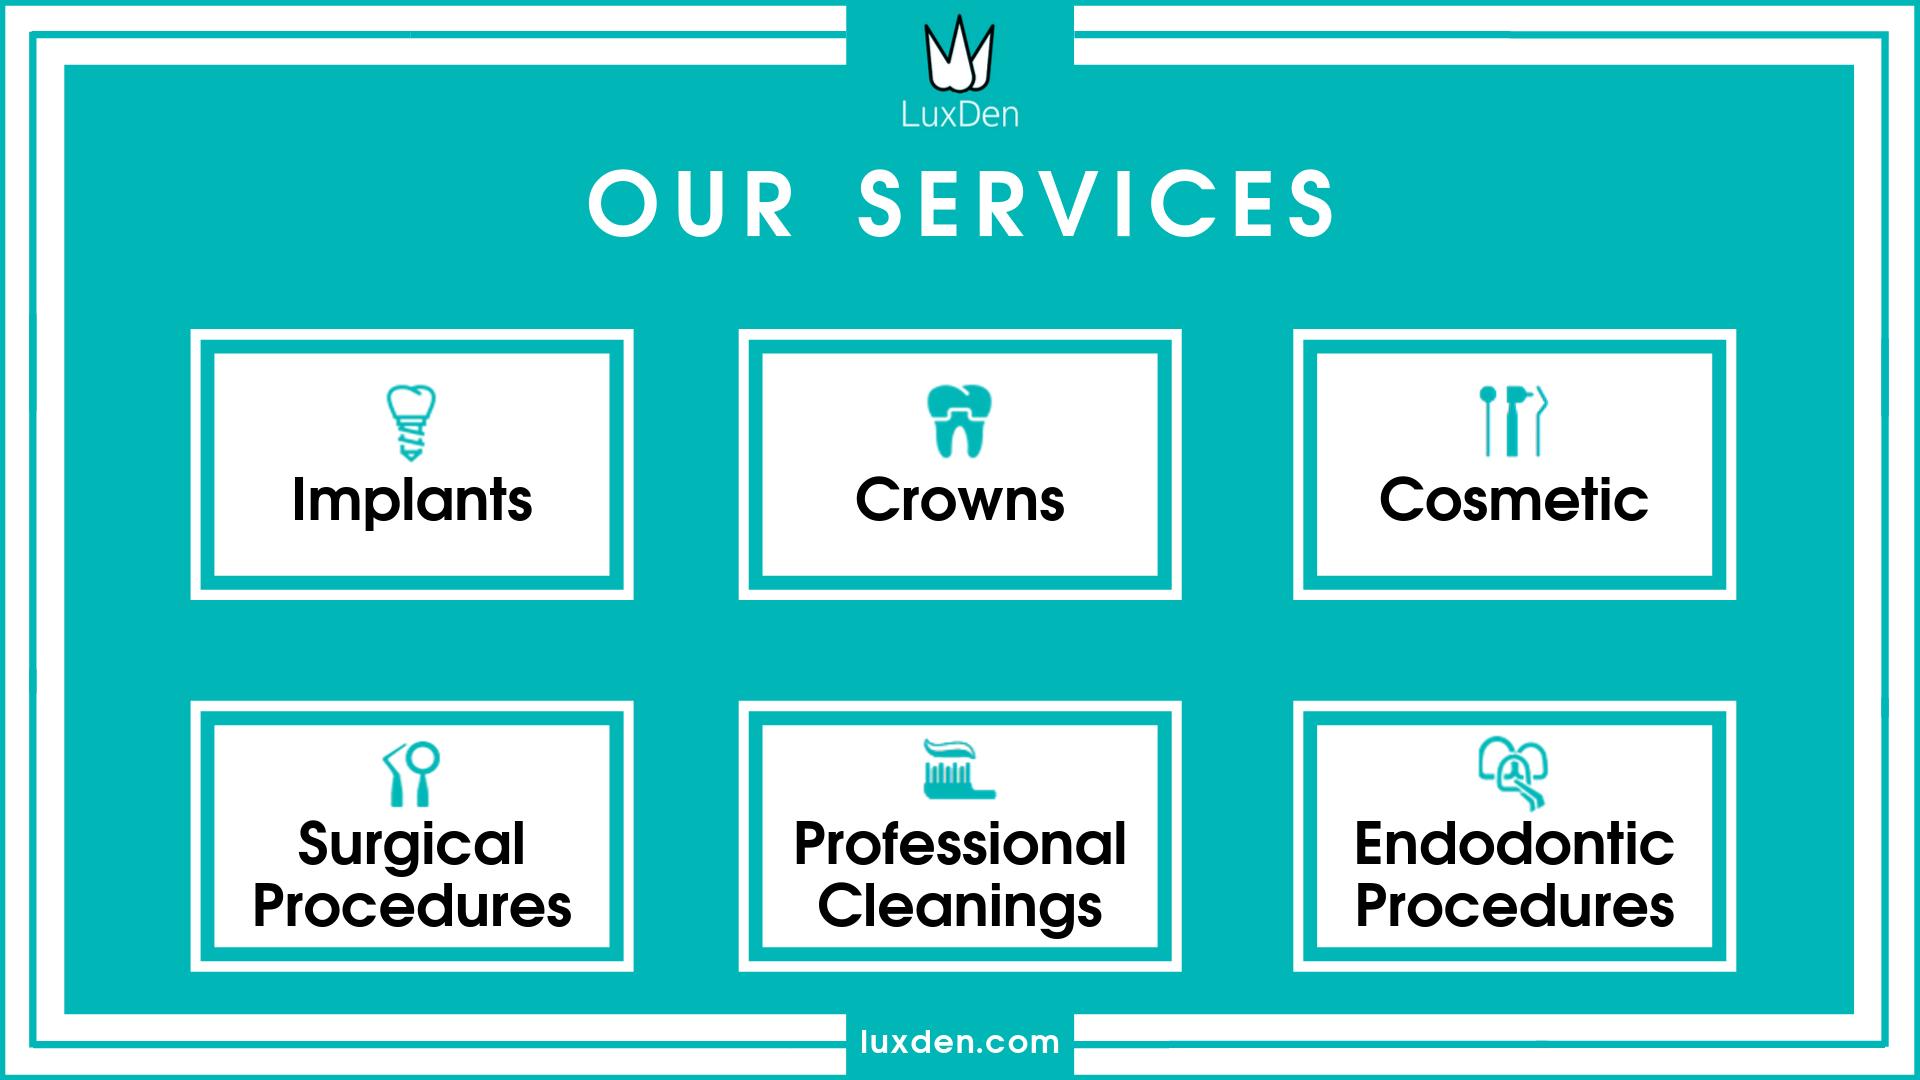 Luxden services